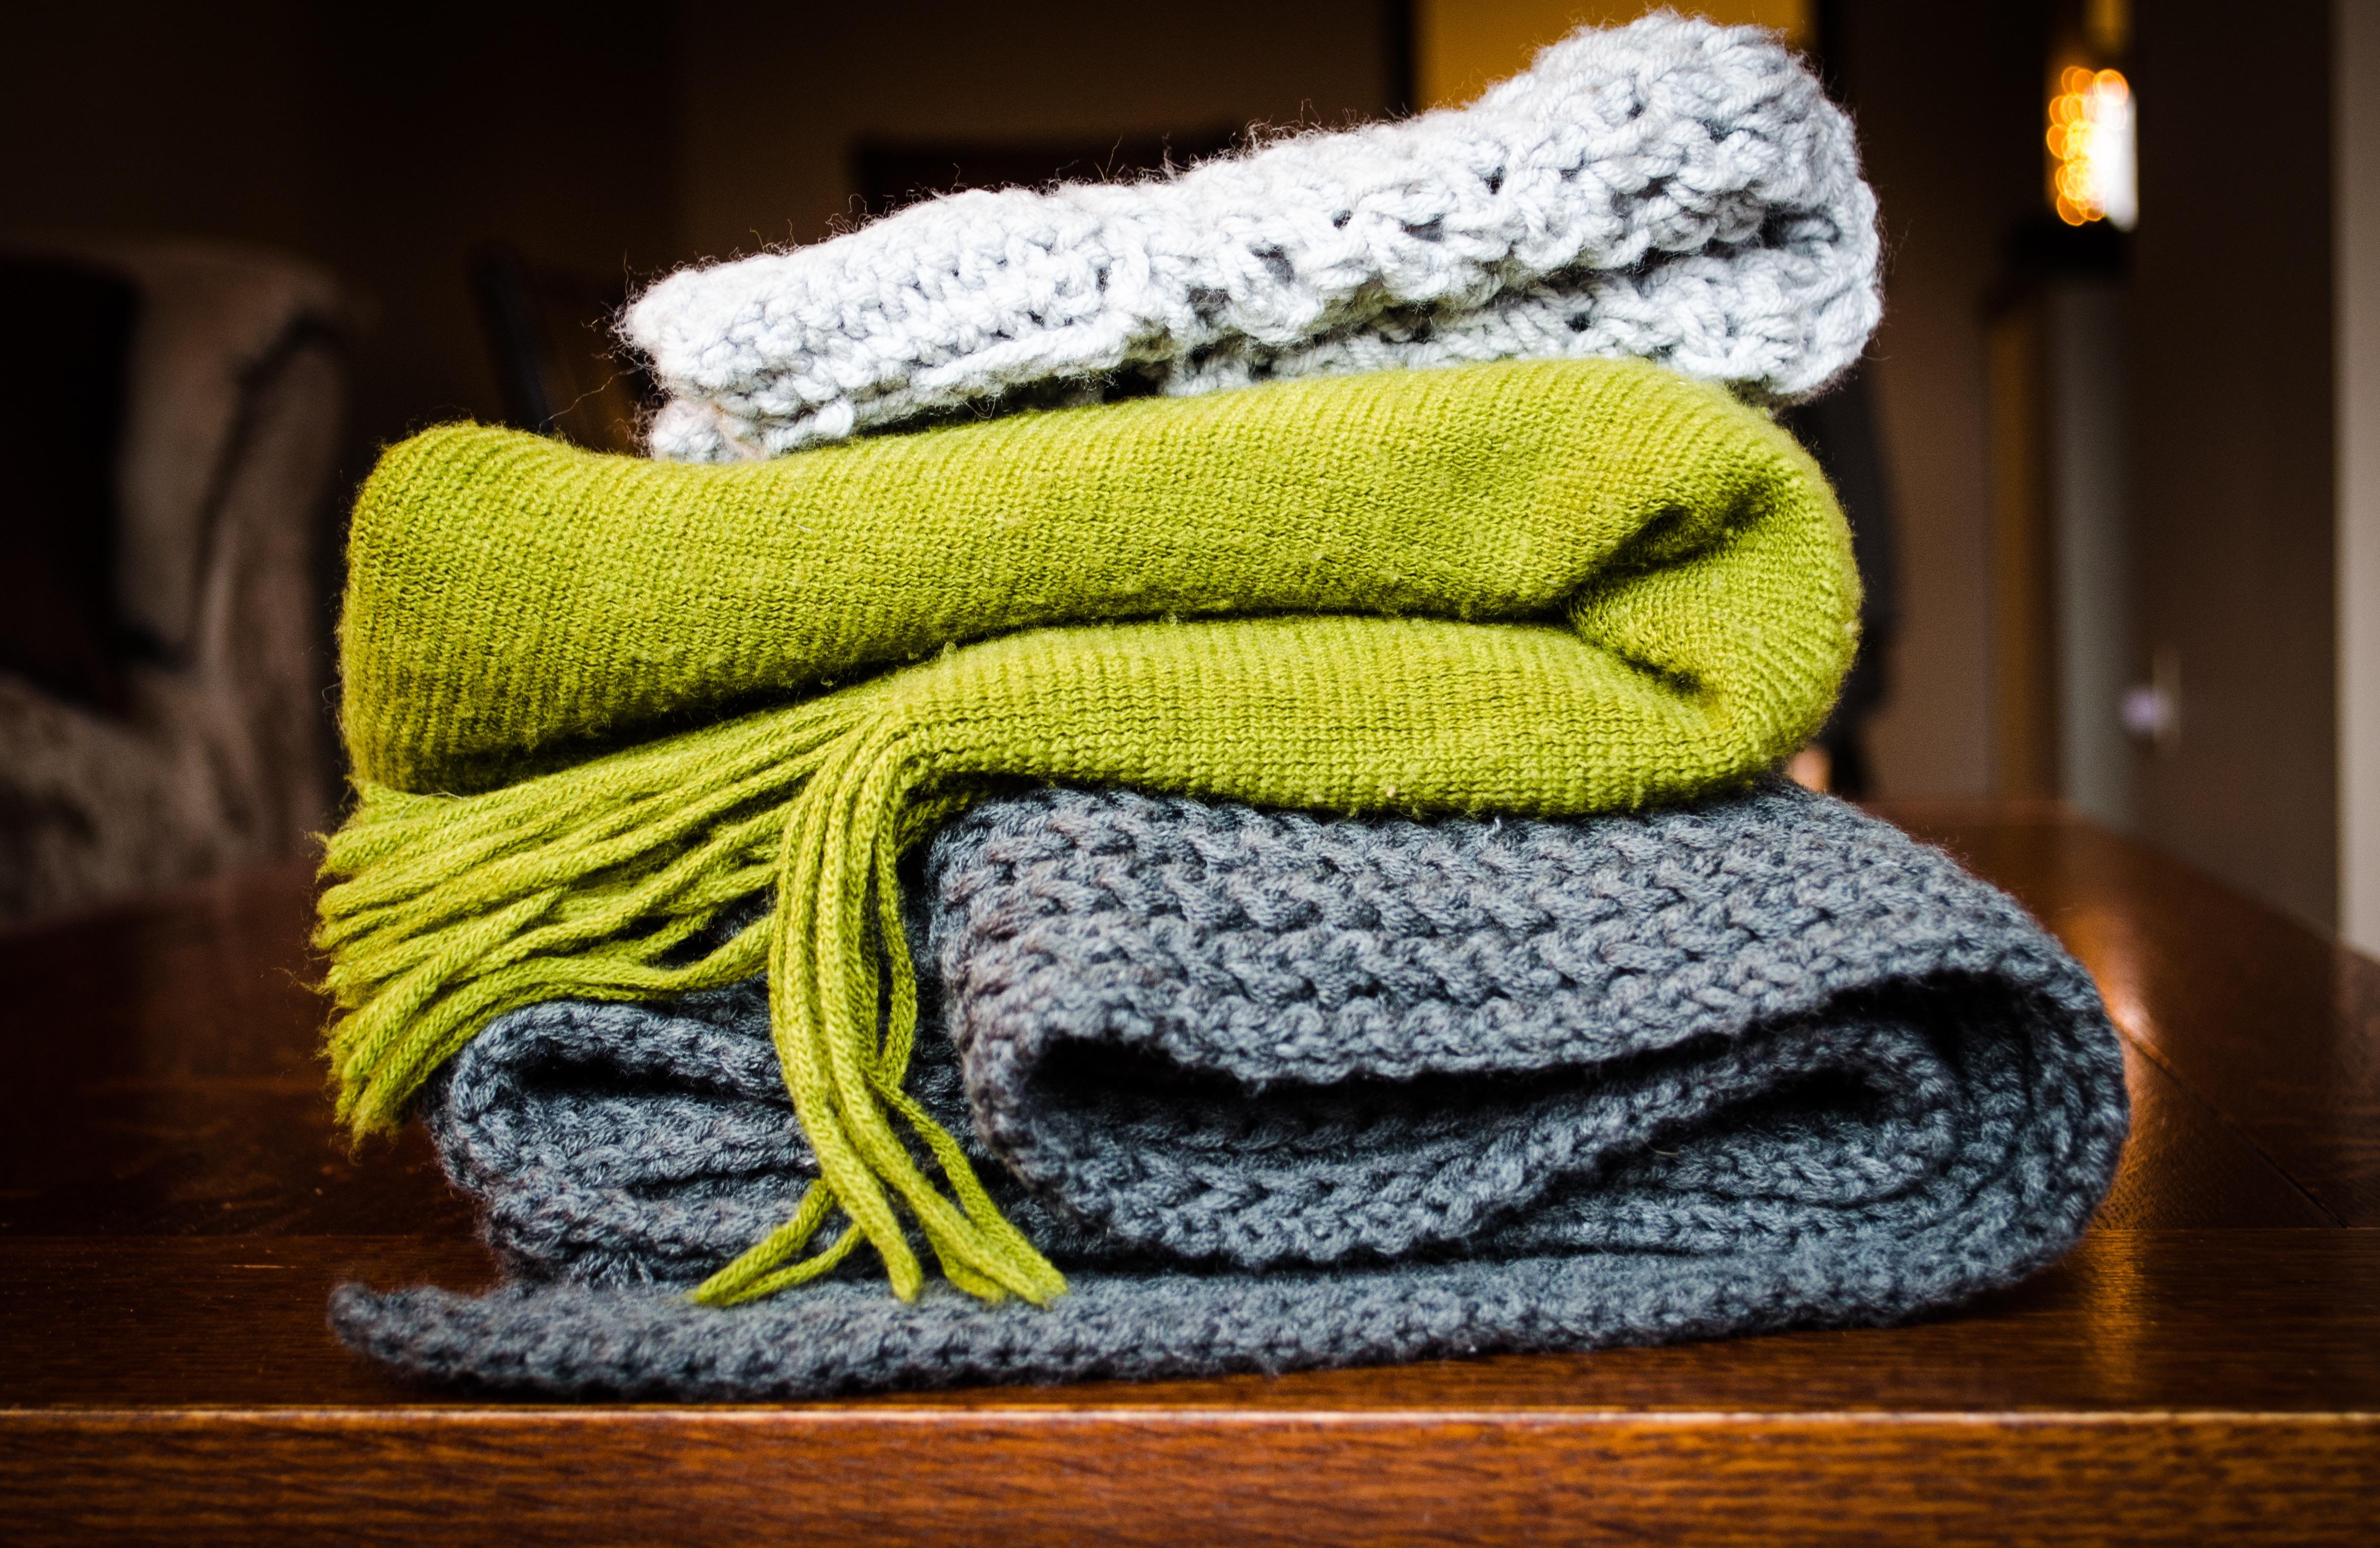 Fotos gratis : zapato, patrón, verde, ropa, amarillo, tejer, hilo ...